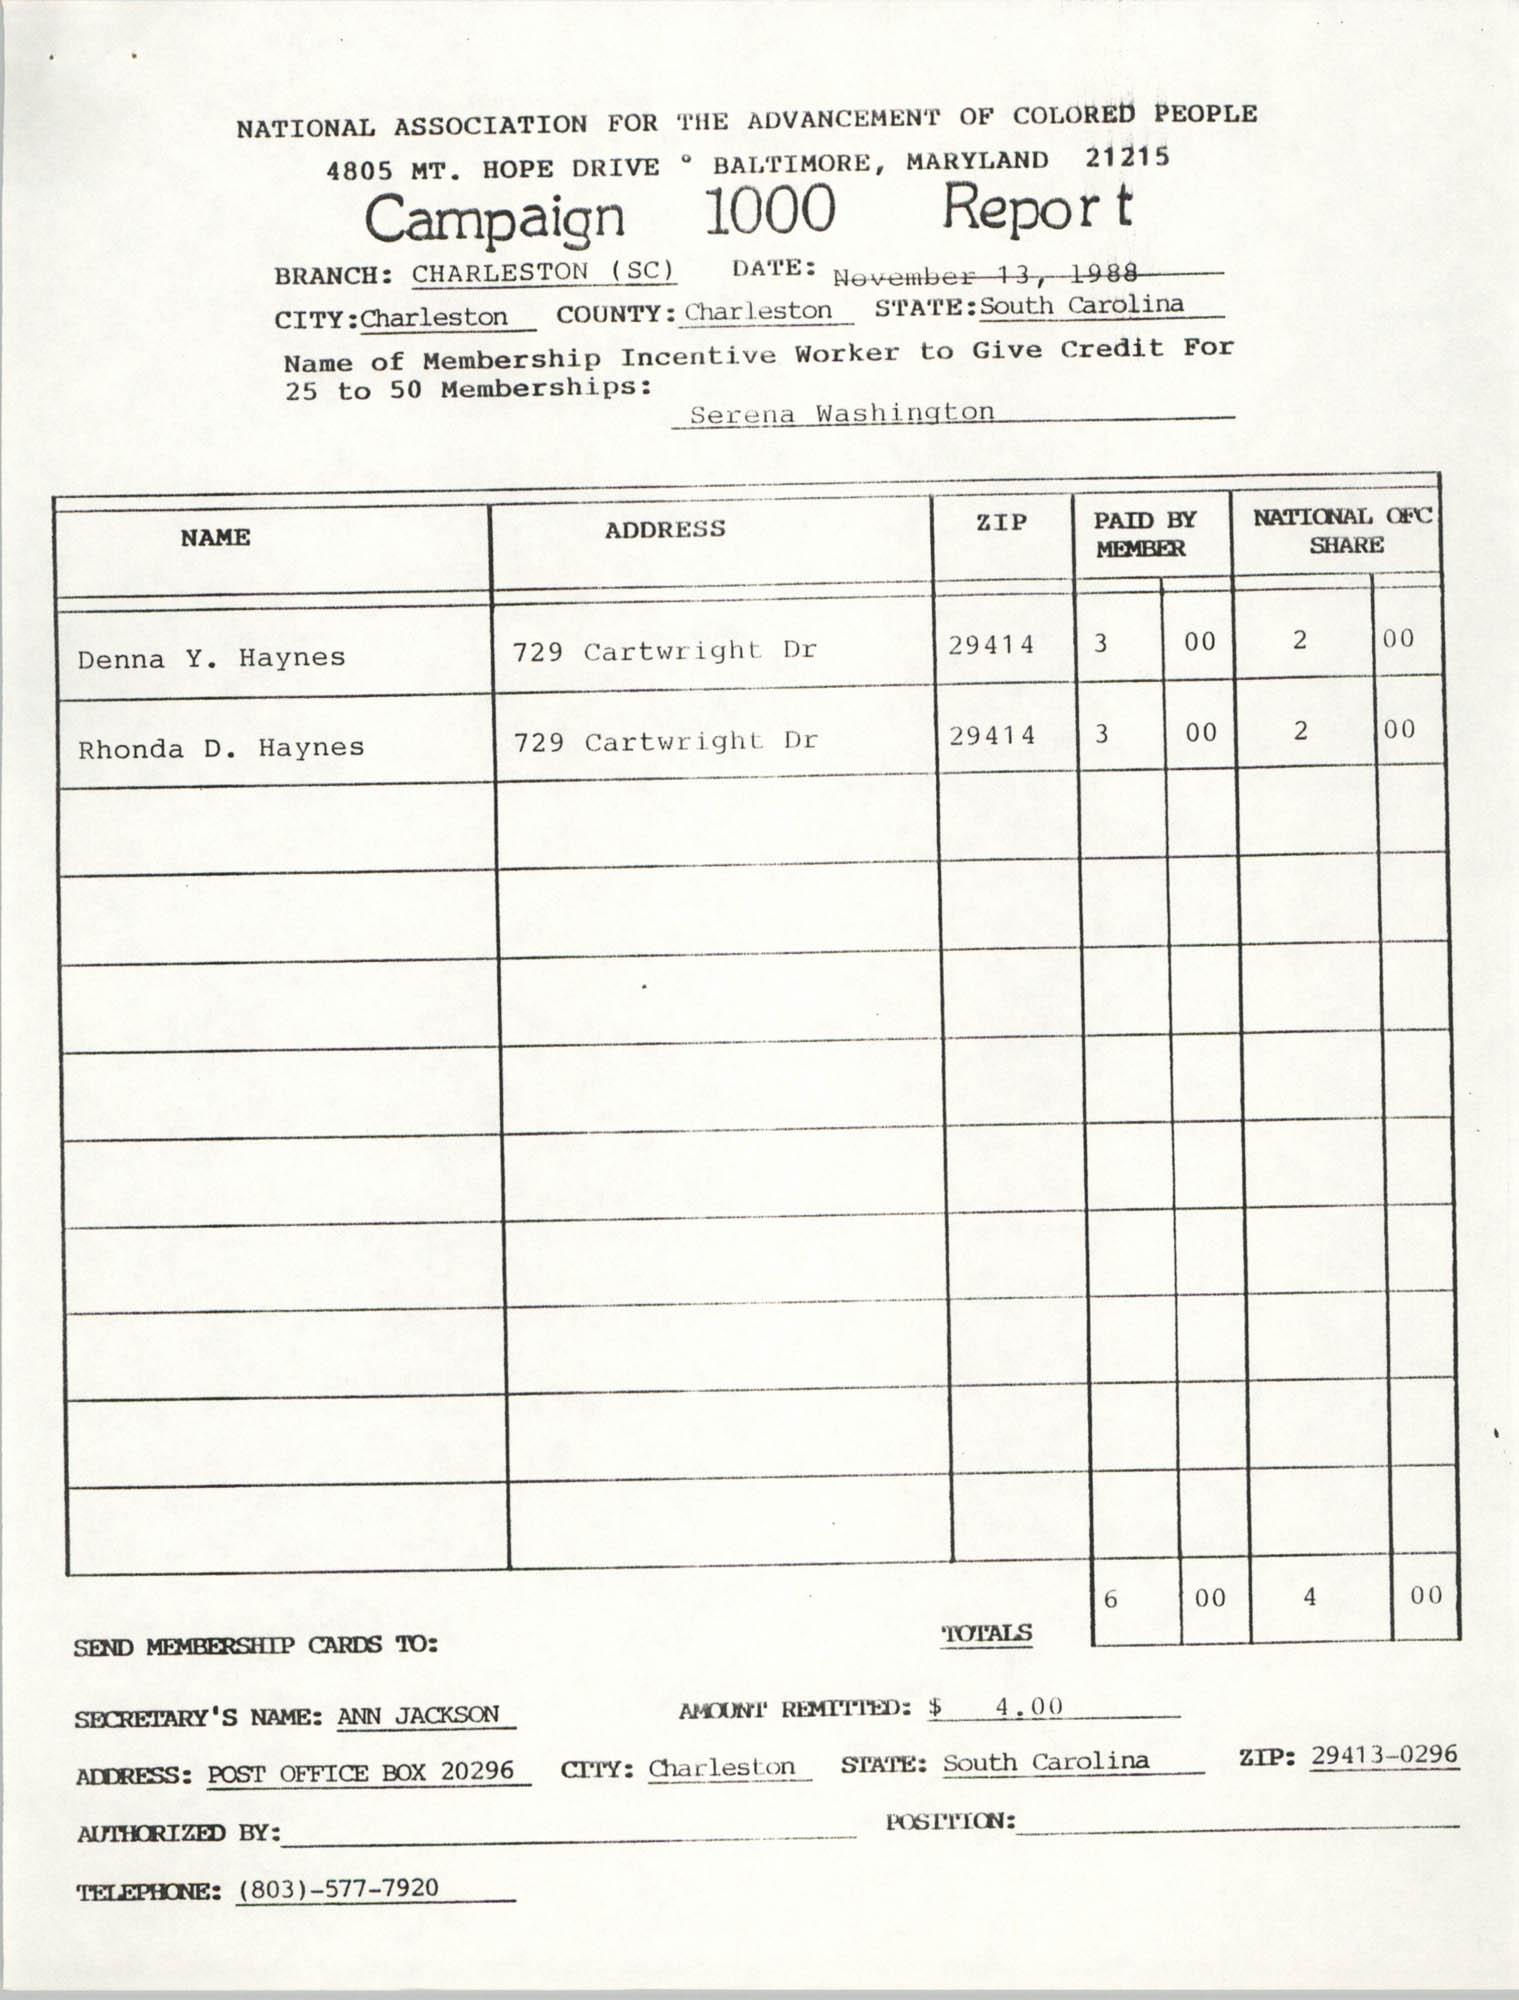 Campaign 1000 Report, Serena Washington, Charleston Branch of the NAACP, November 13, 1988